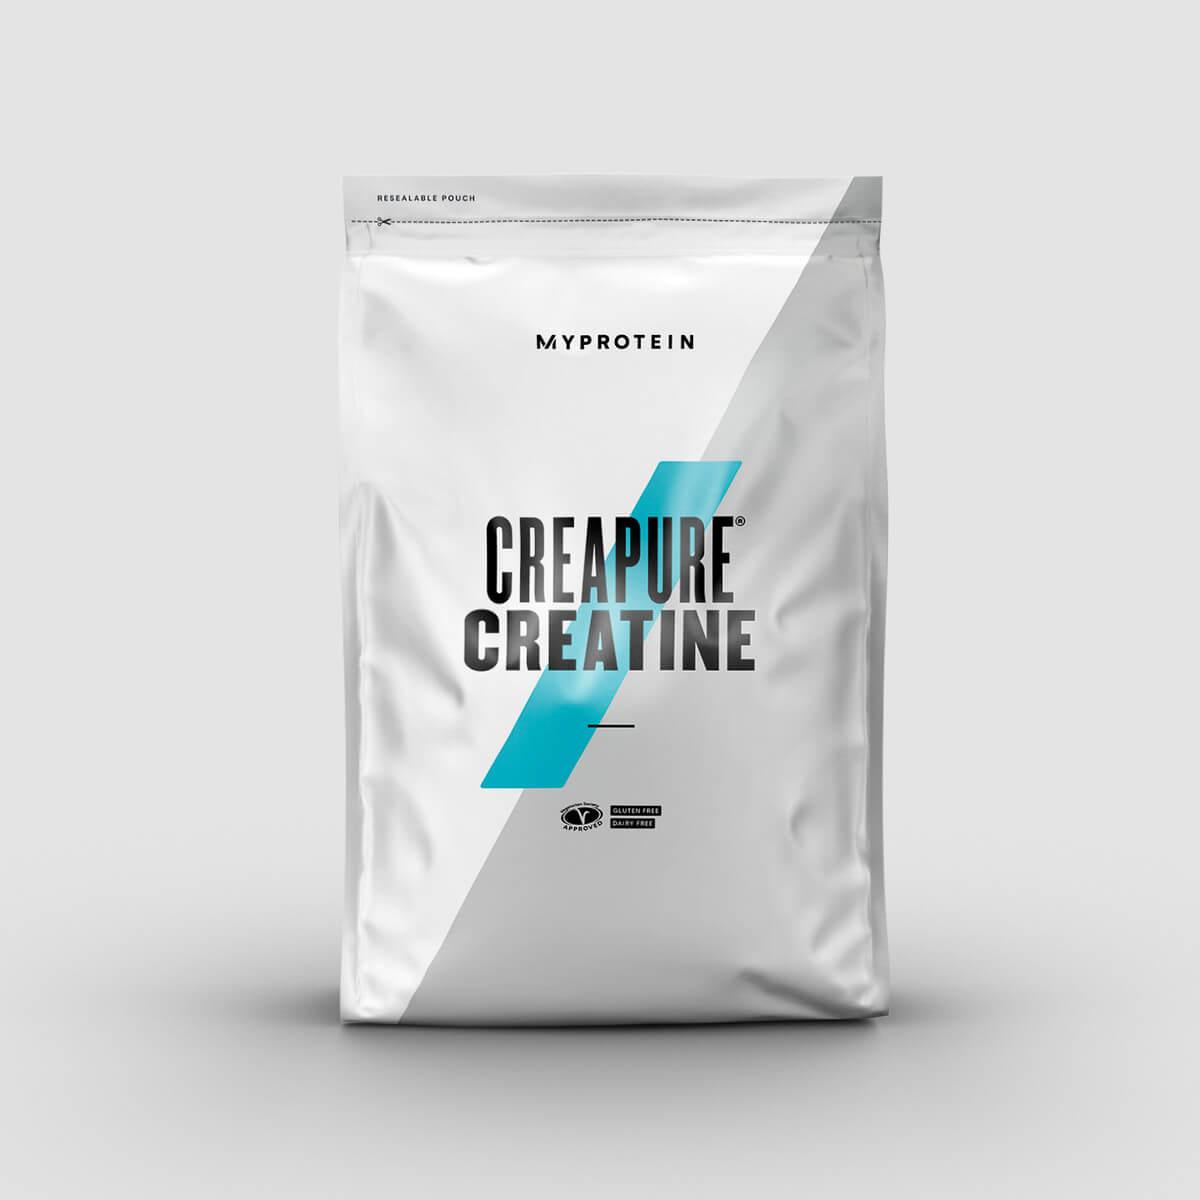 Myprotein Creapure® Creatine Powder - 250g - Blue Raspberry